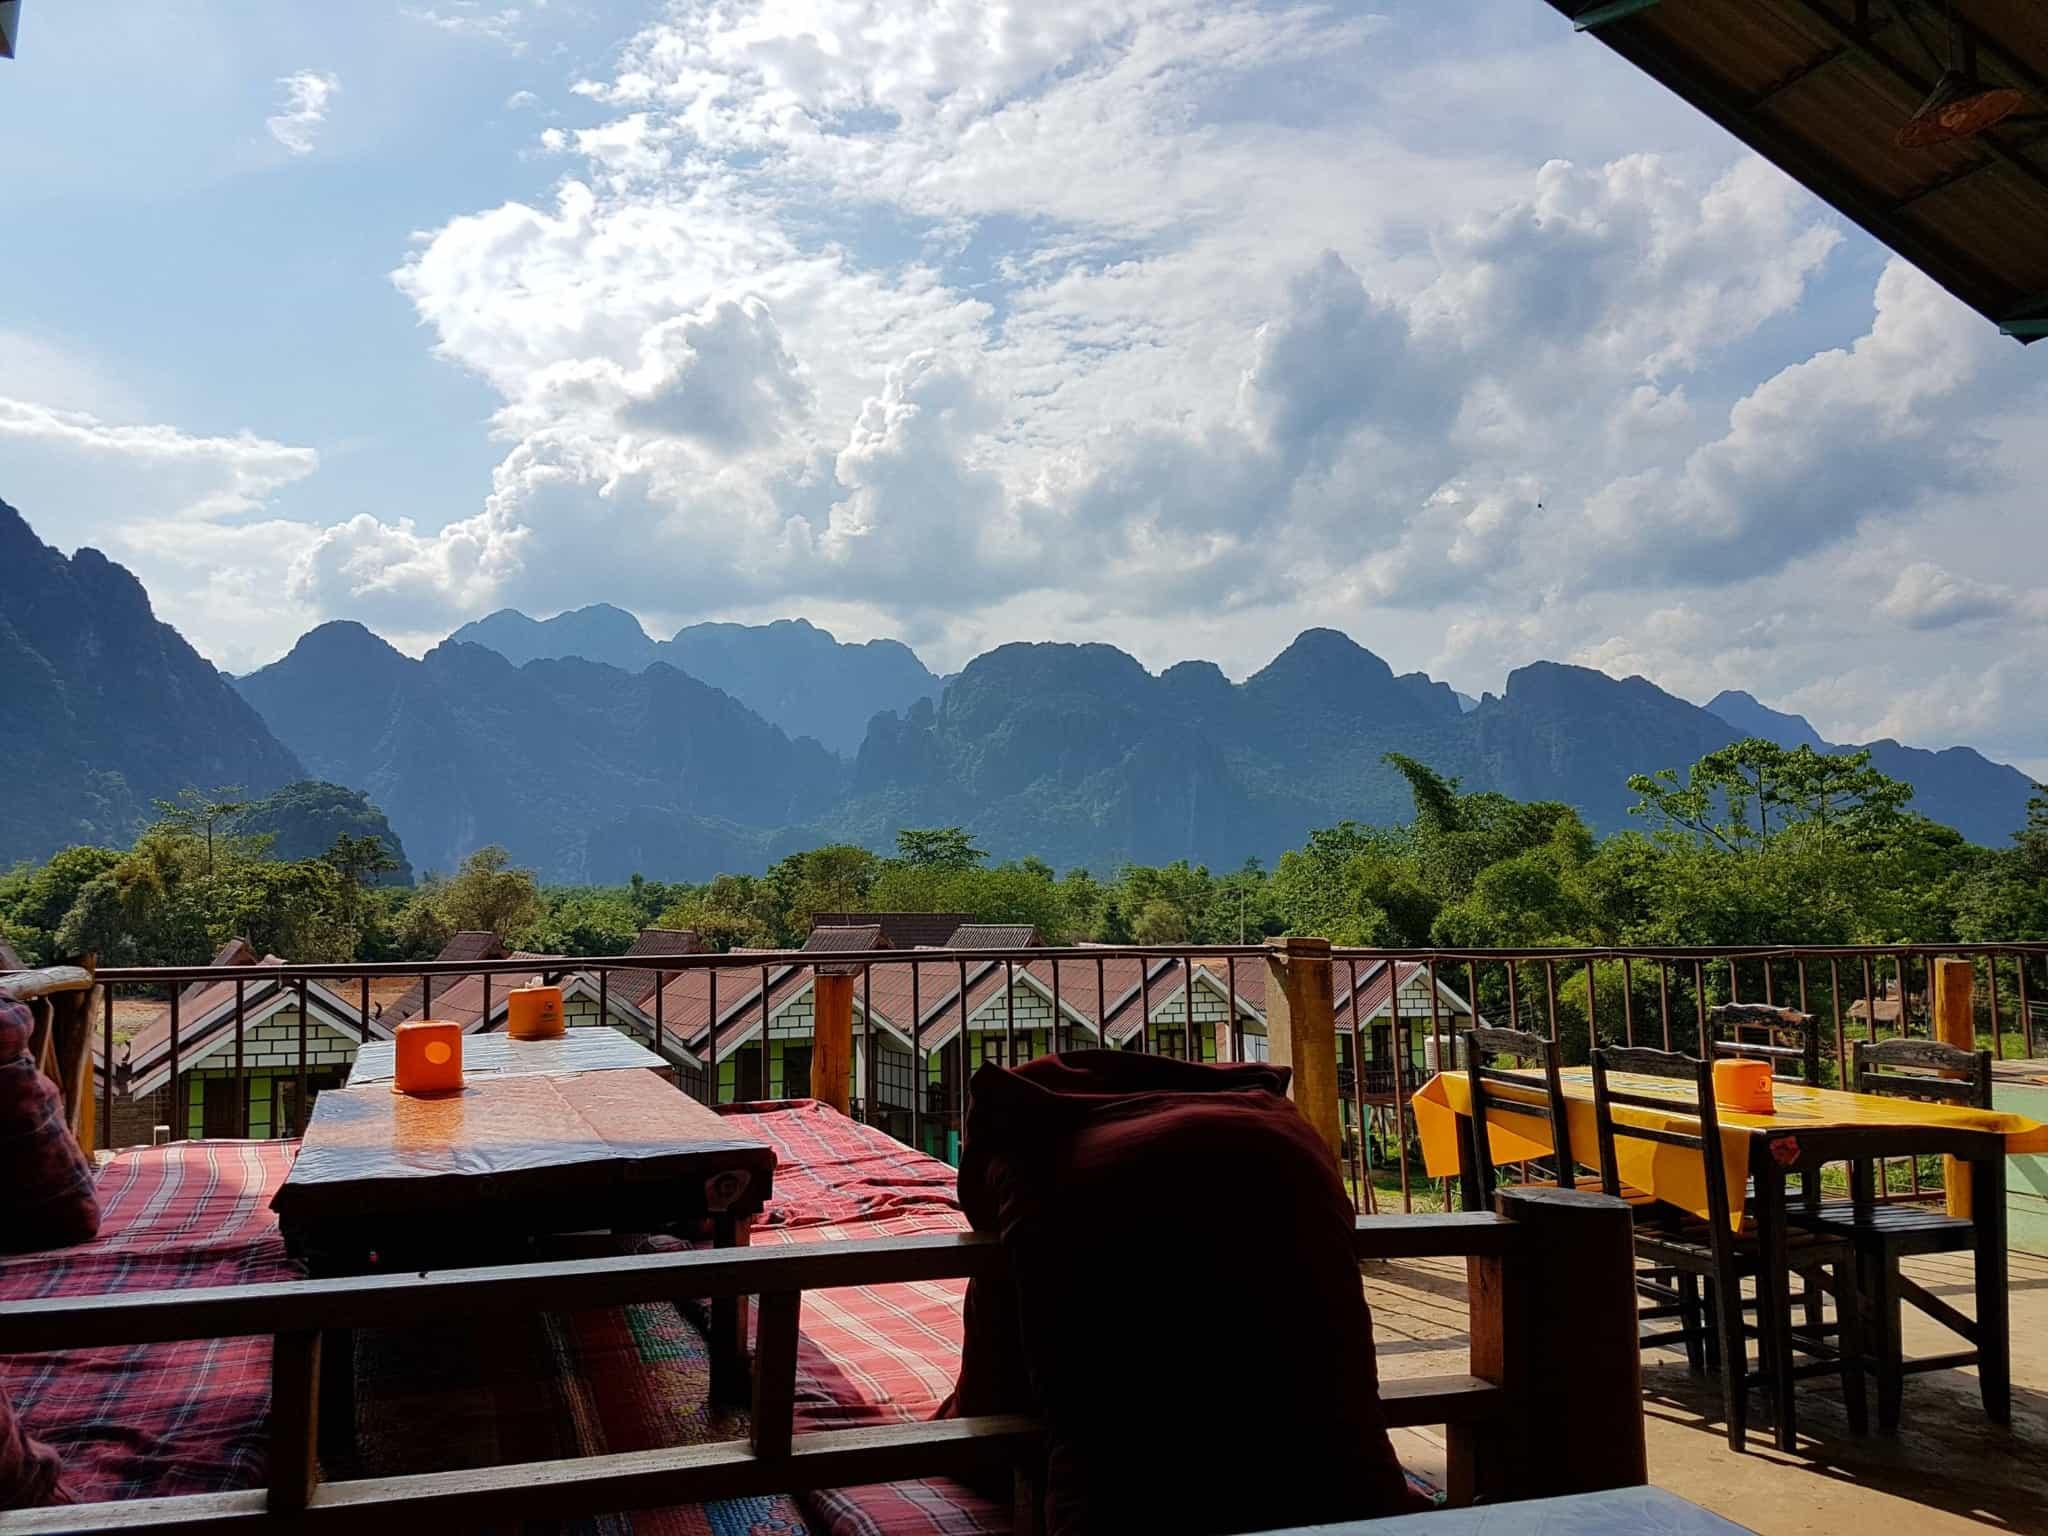 Laos, Vang Vieng un incontournable du Laos ! 🧡 6